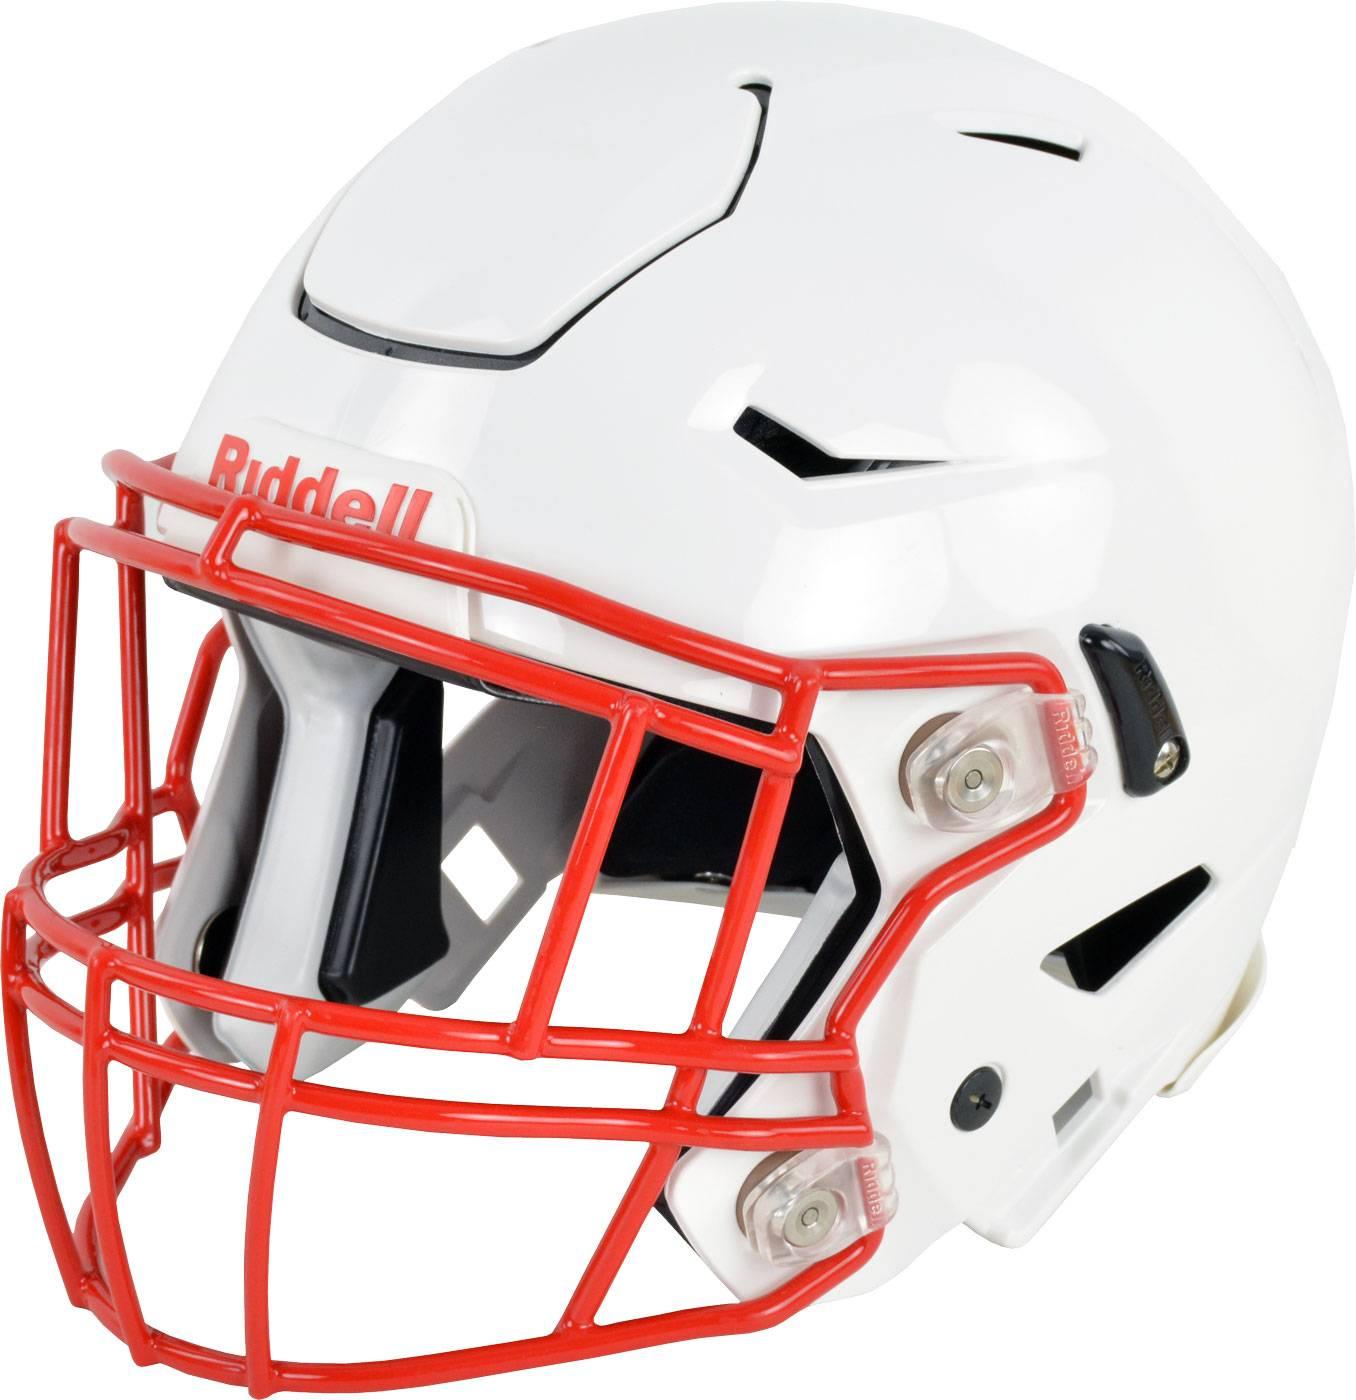 Riddell SF-2EG-II Facemask